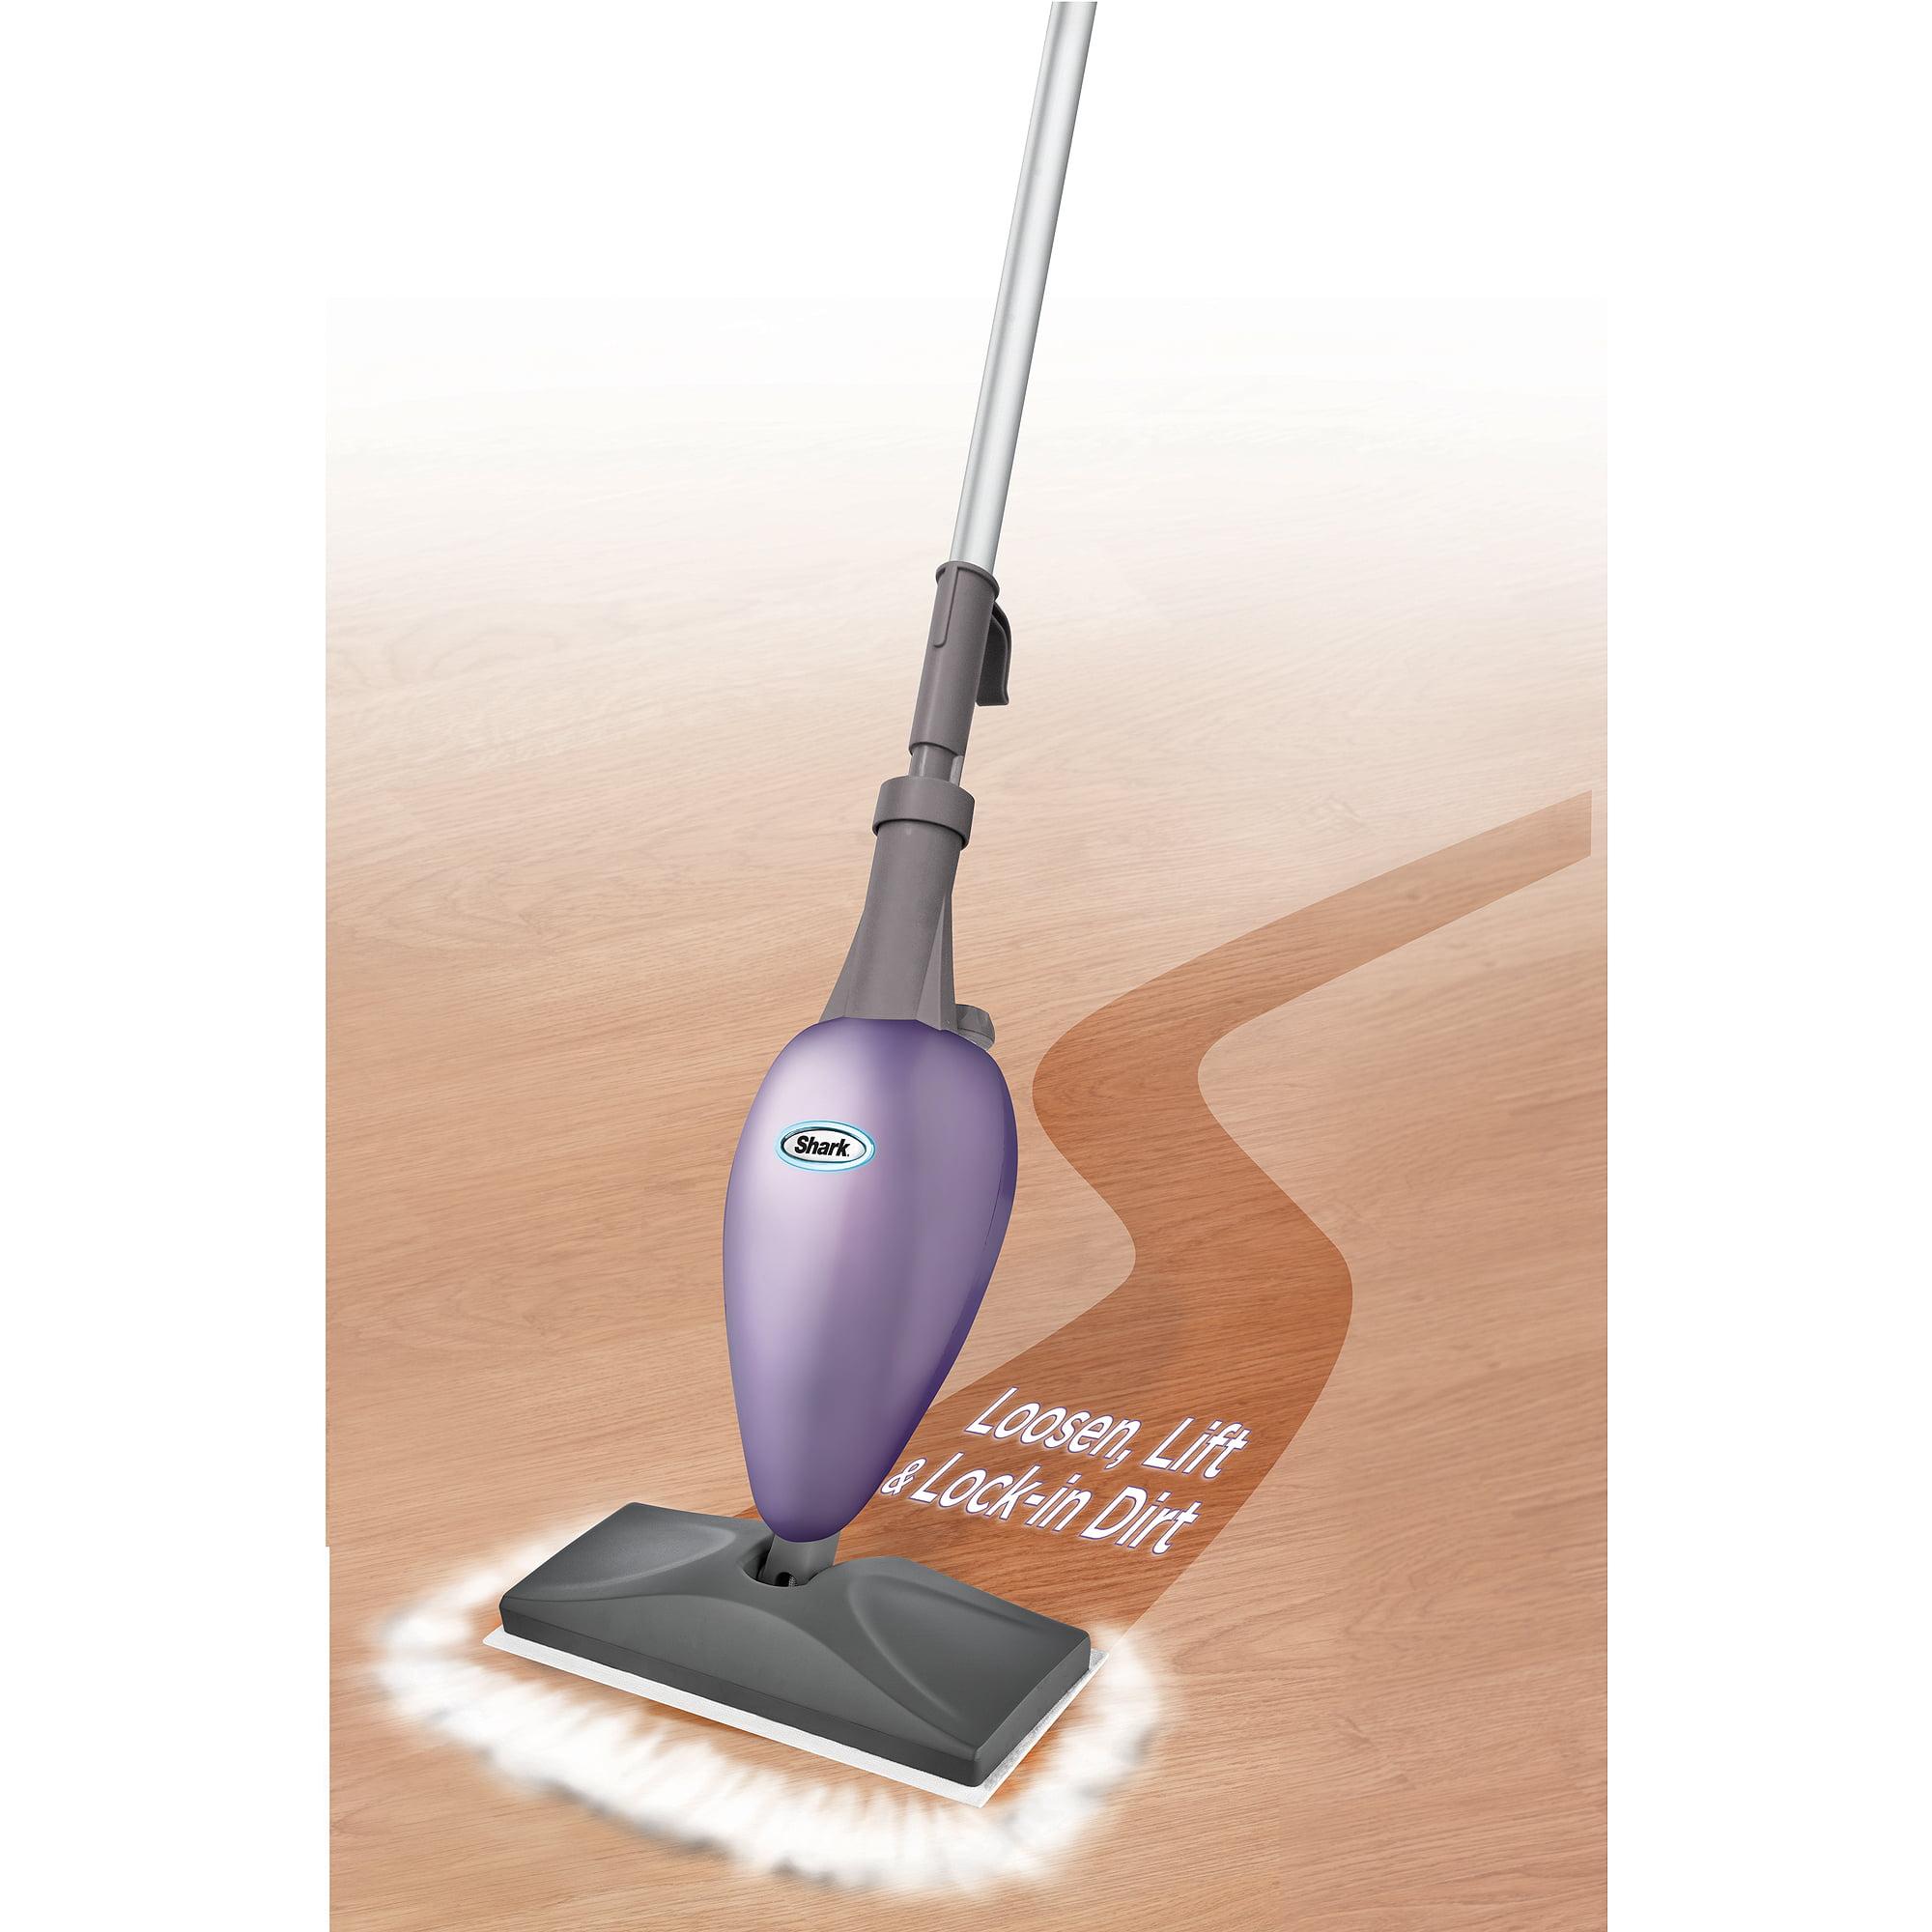 Shark carpet cleaner walmart carpet vidalondon for Steam cleaner for concrete floors